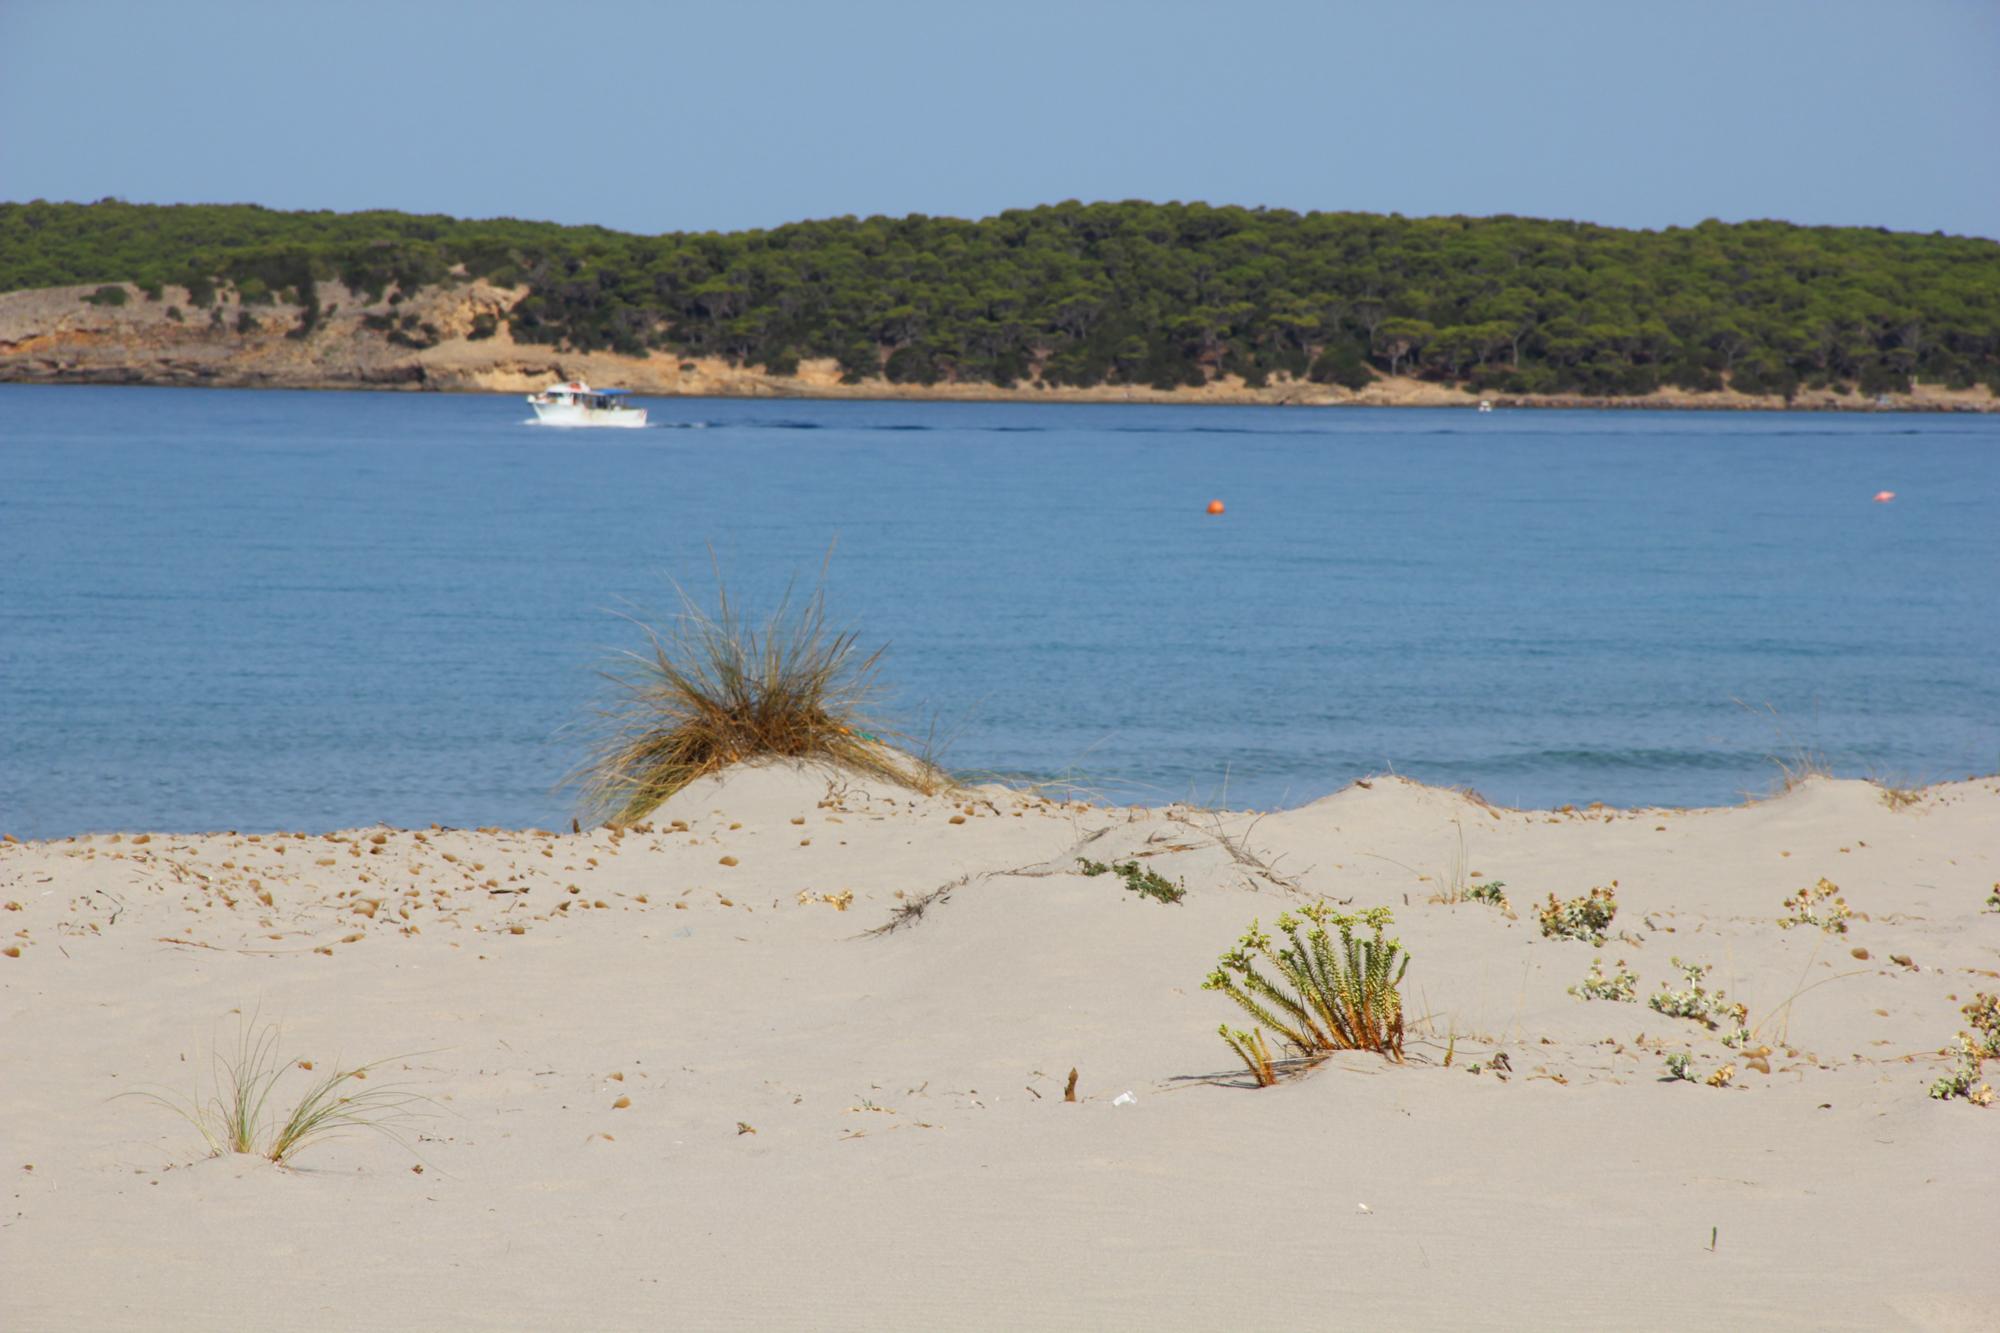 Porto Pino Spiaggia e dune di sabbia